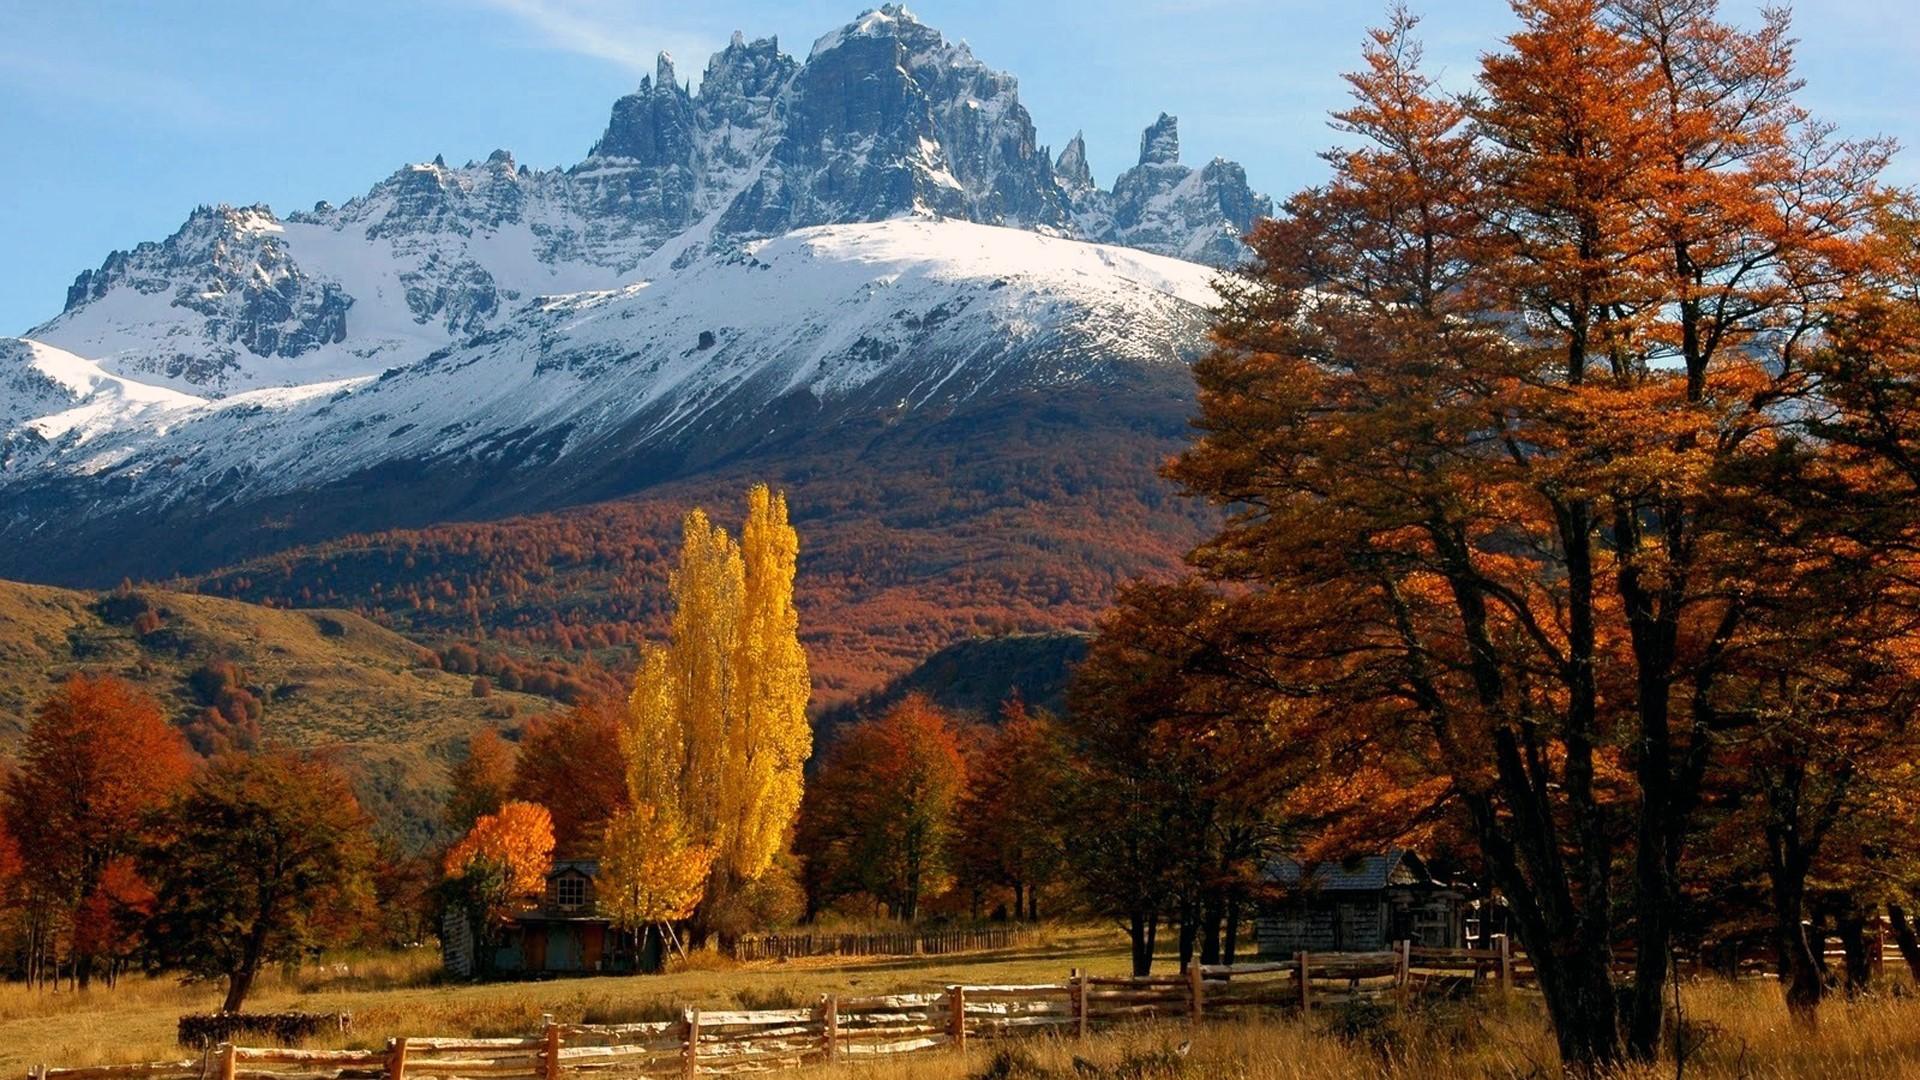 Paysage de Patagonie en automne